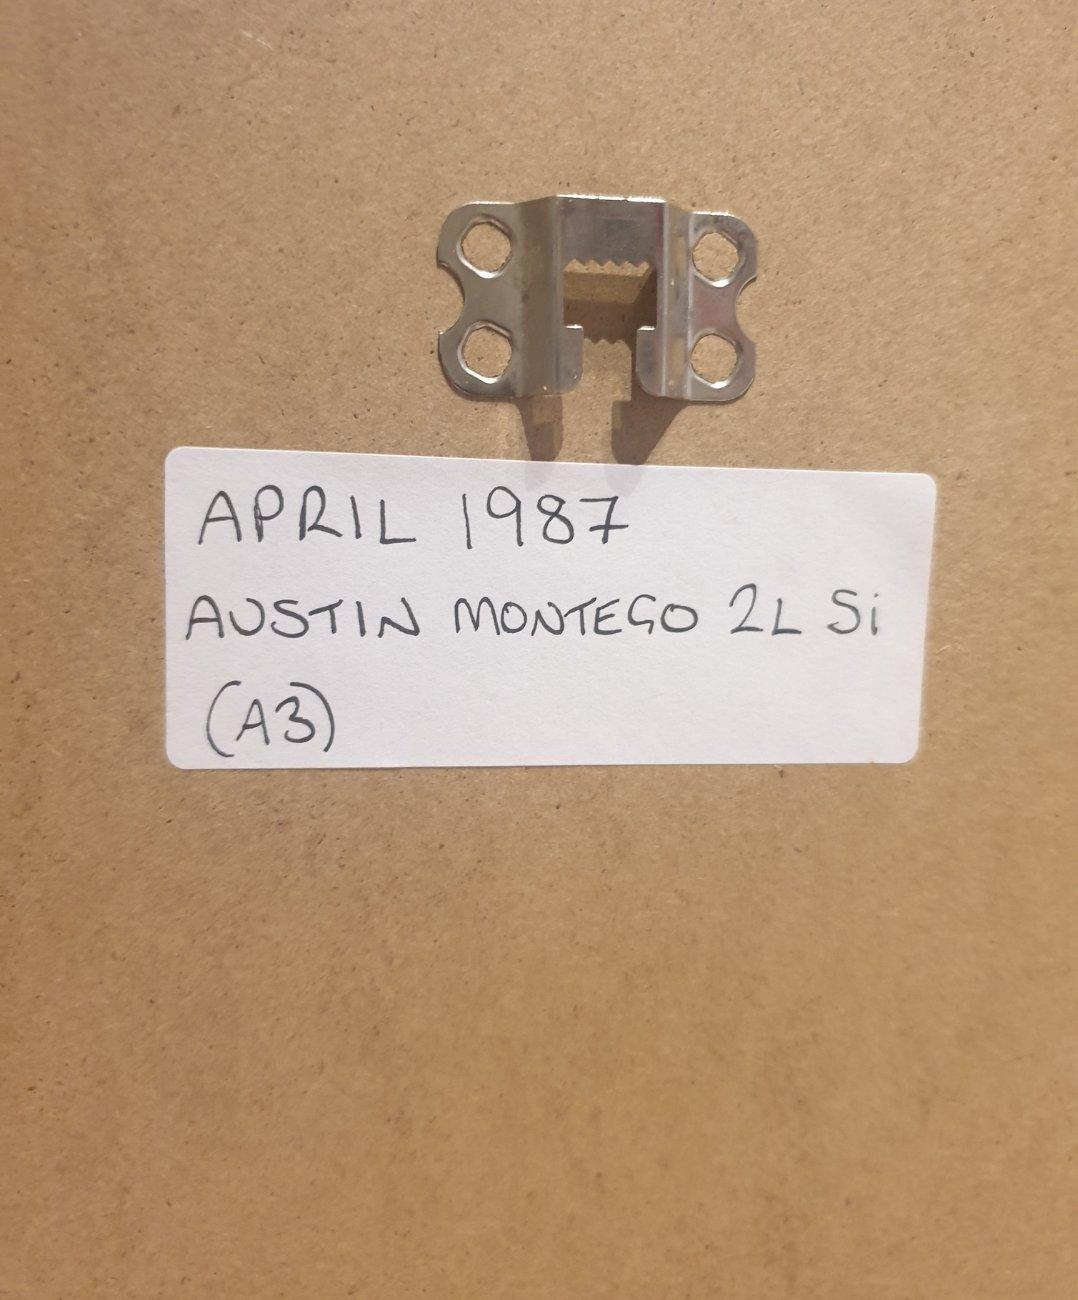 Original 1987 Montego Framed Advert For Sale (picture 2 of 2)